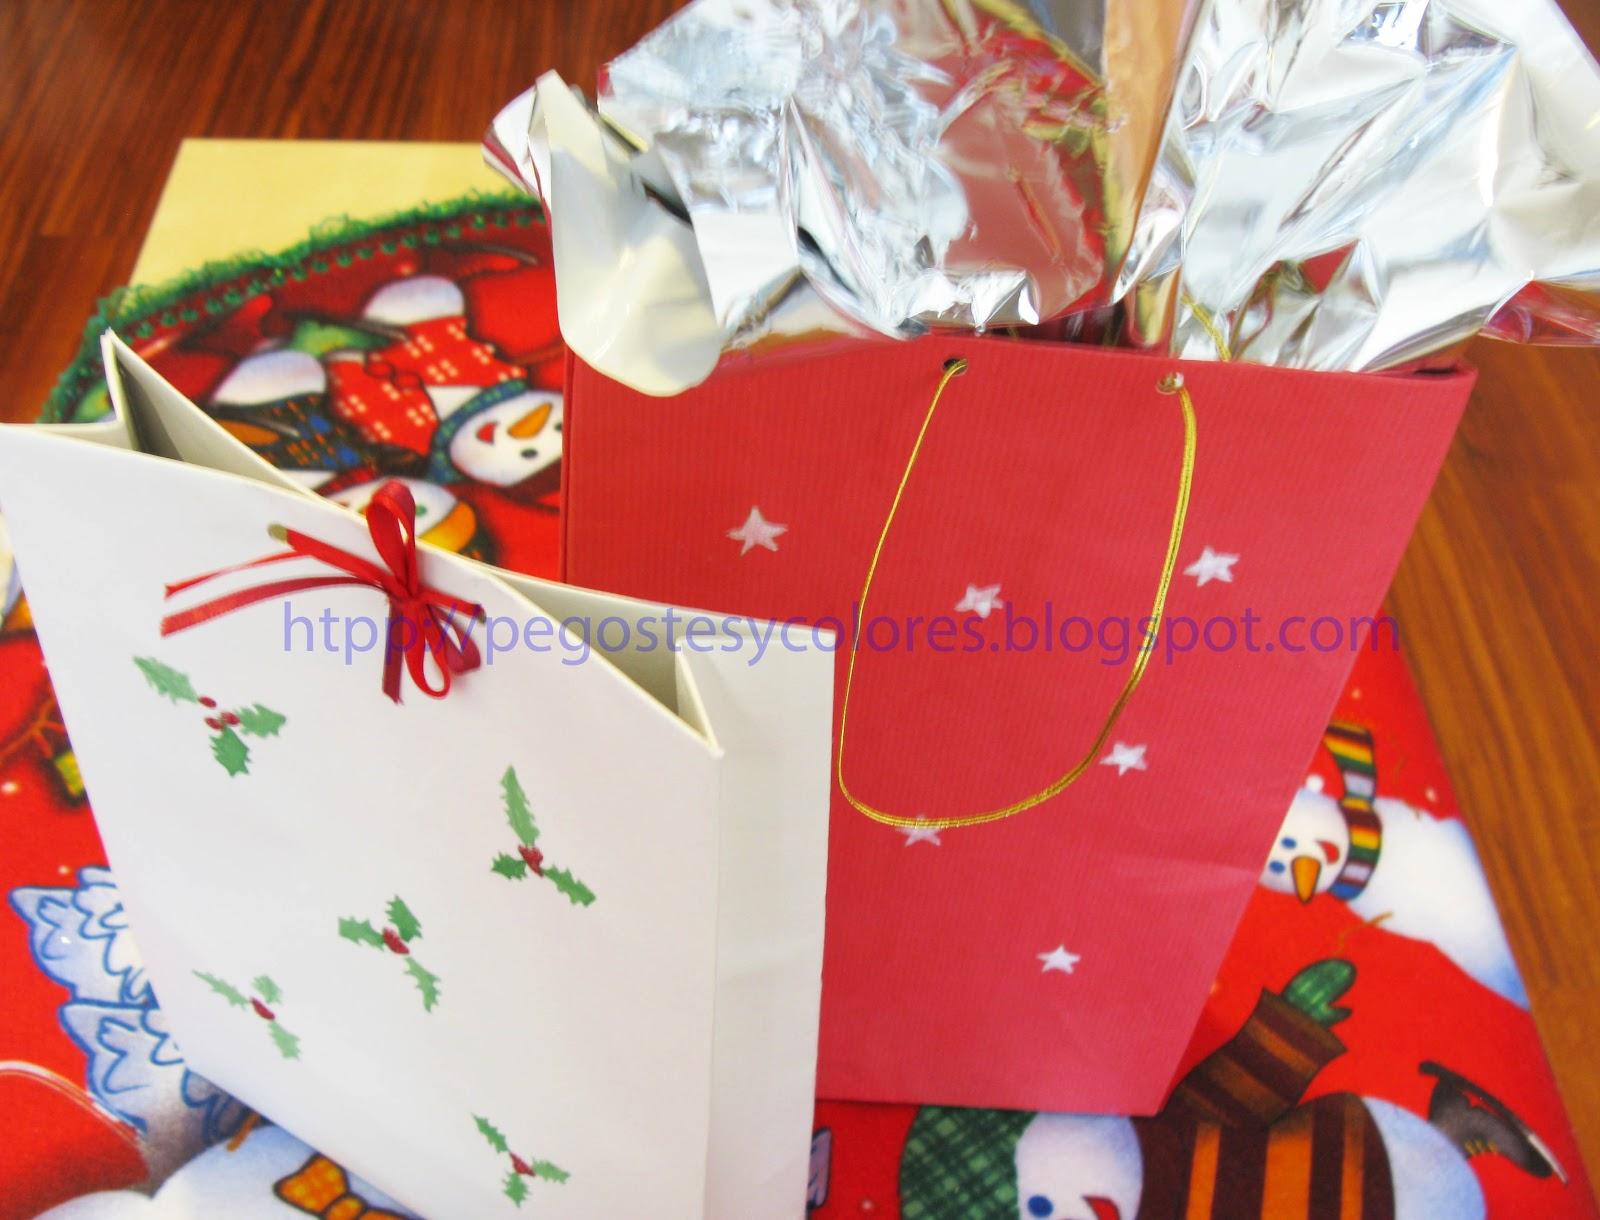 Pegostes y colores como hacer bolsas de regalo para navidad - Regalo padre navidad ...